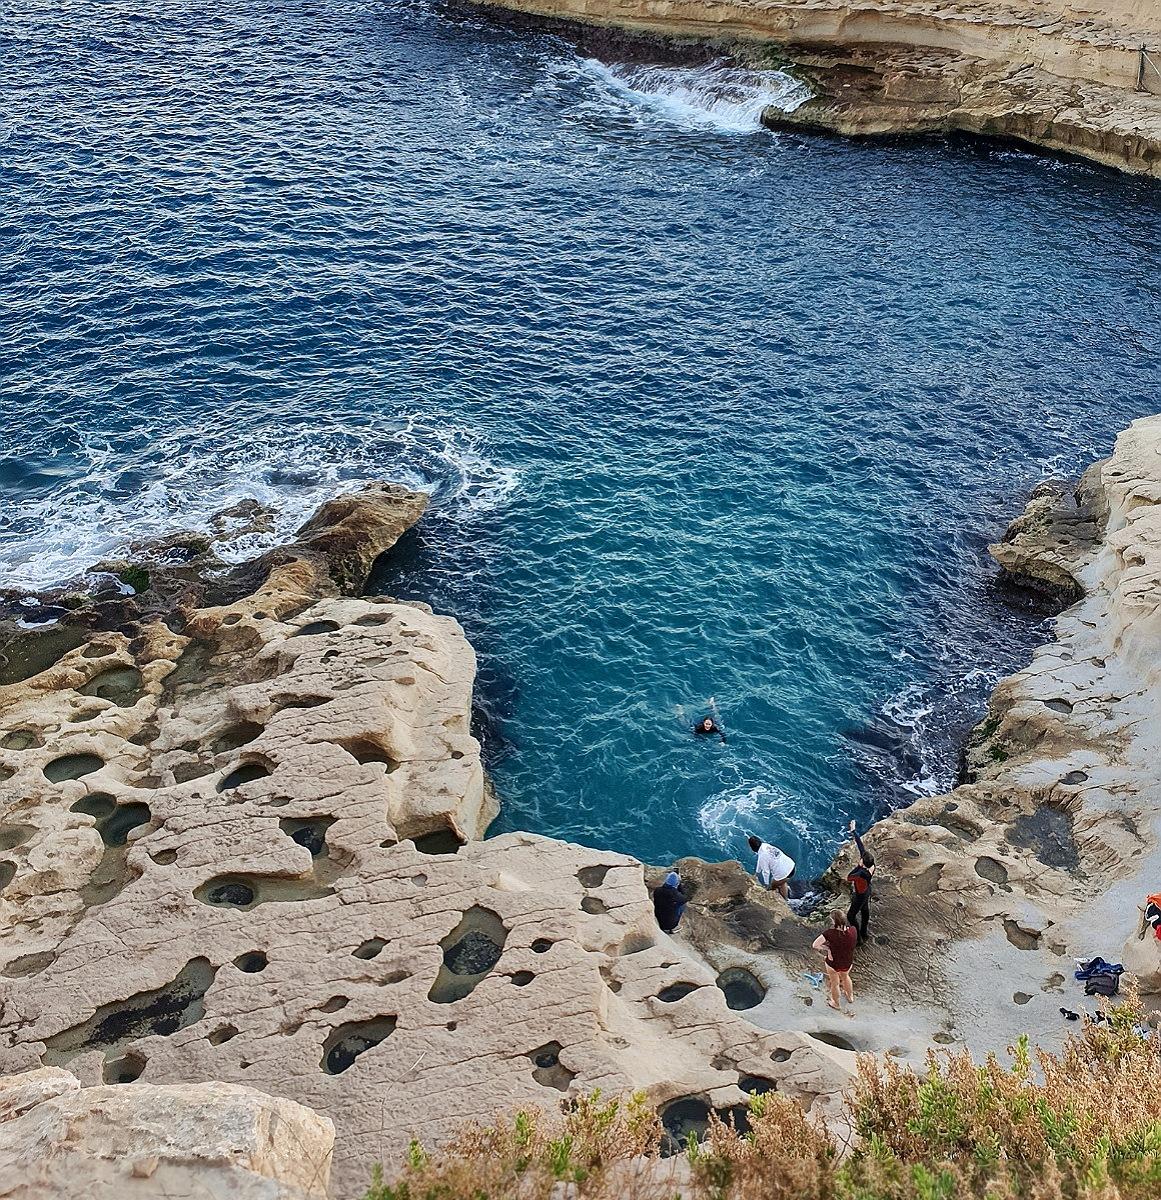 autunno 2020 dove andare in vacanza mare malta